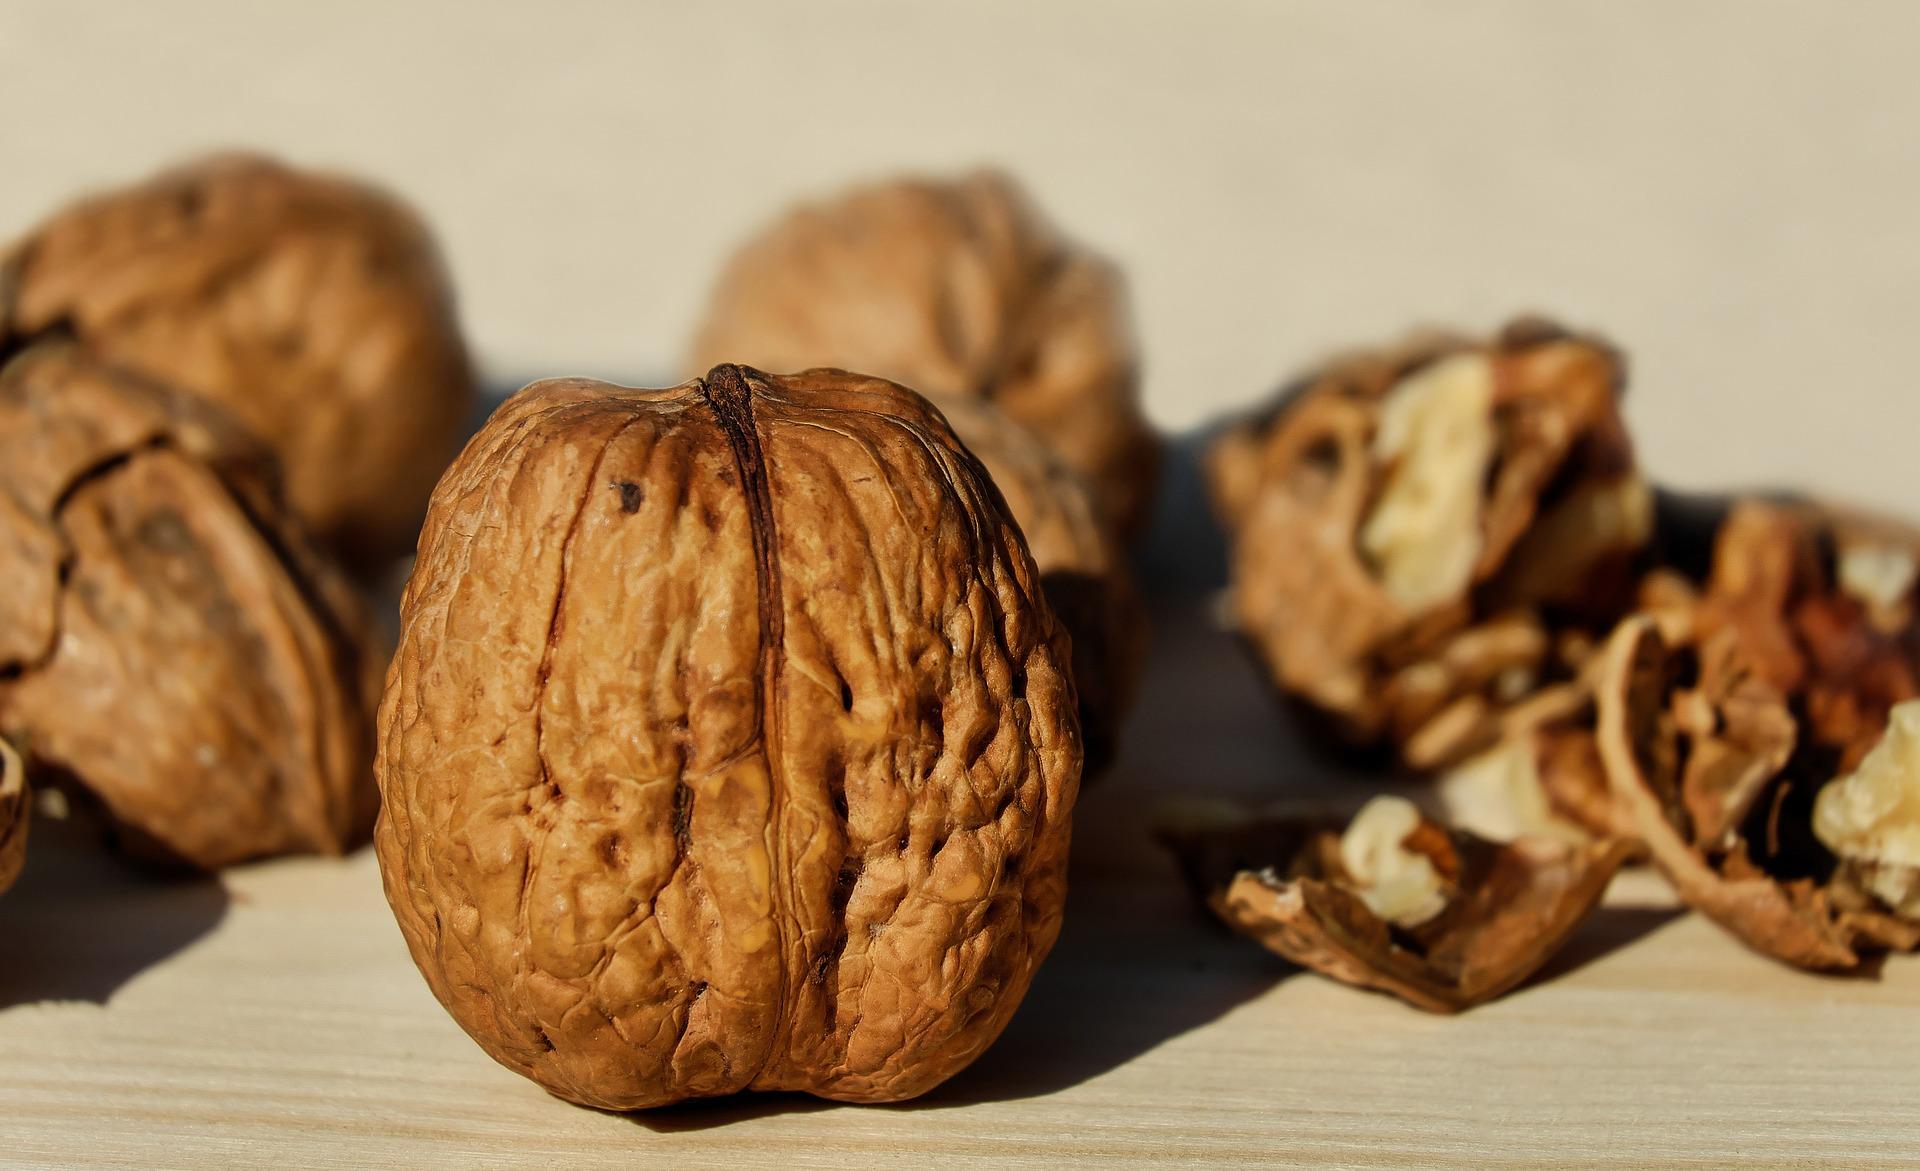 Eet niet teveel walnoten, want ze bevatten veel calorieën.